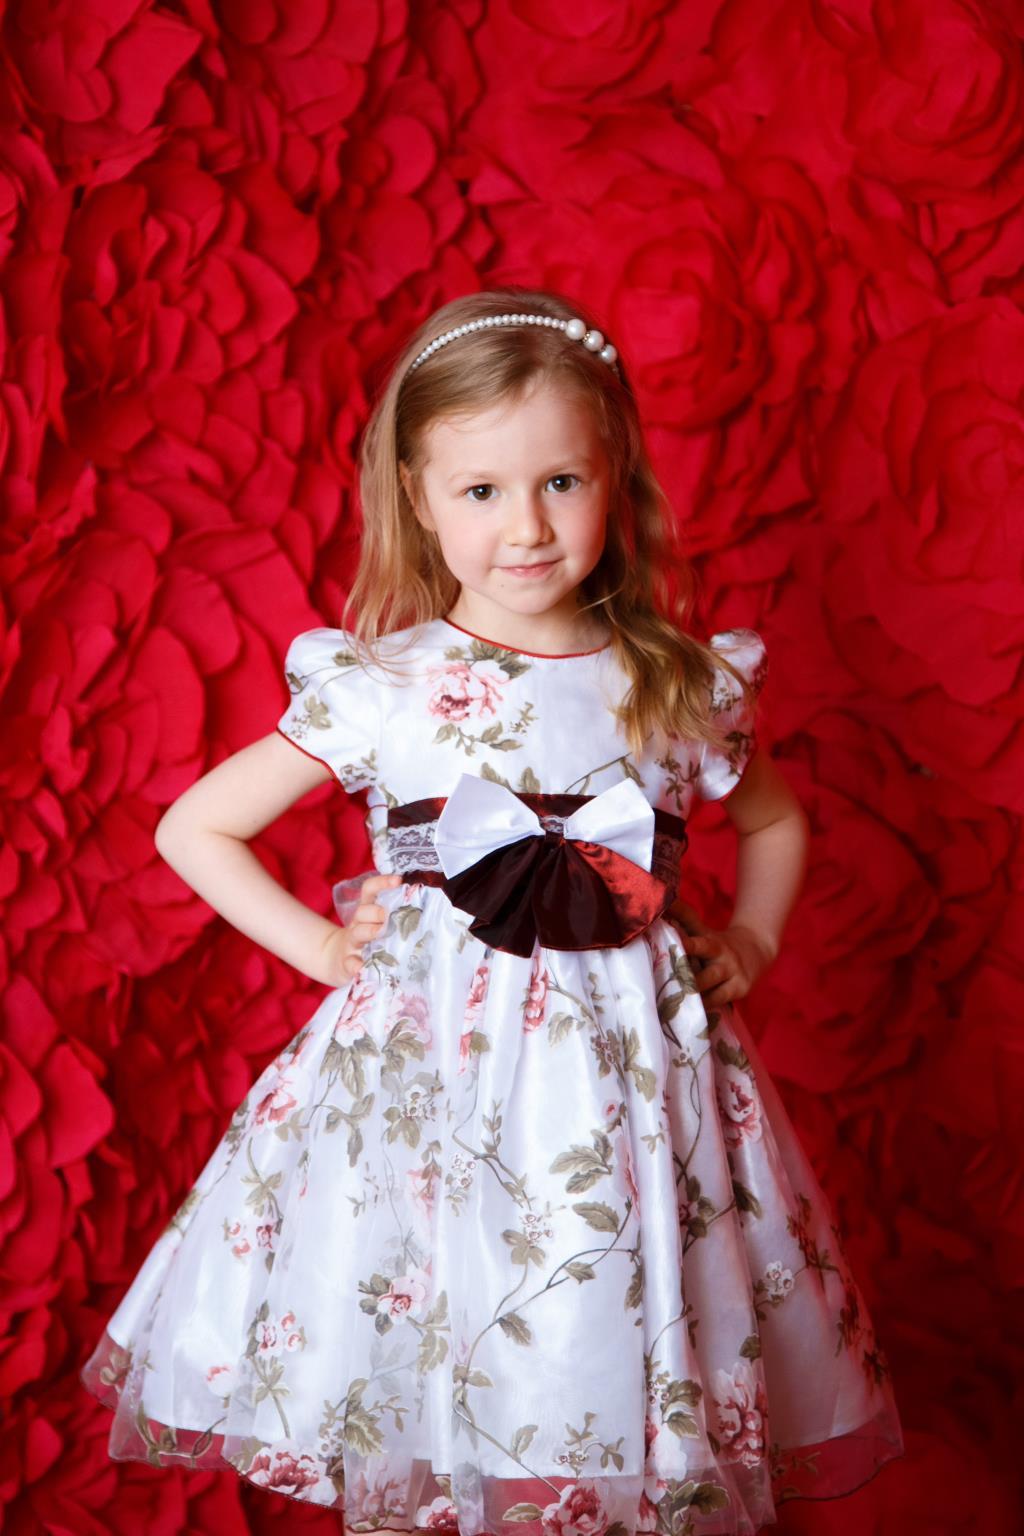 Миллион алых роз и одна маленькая принцесса. Принцесса собирается на бал